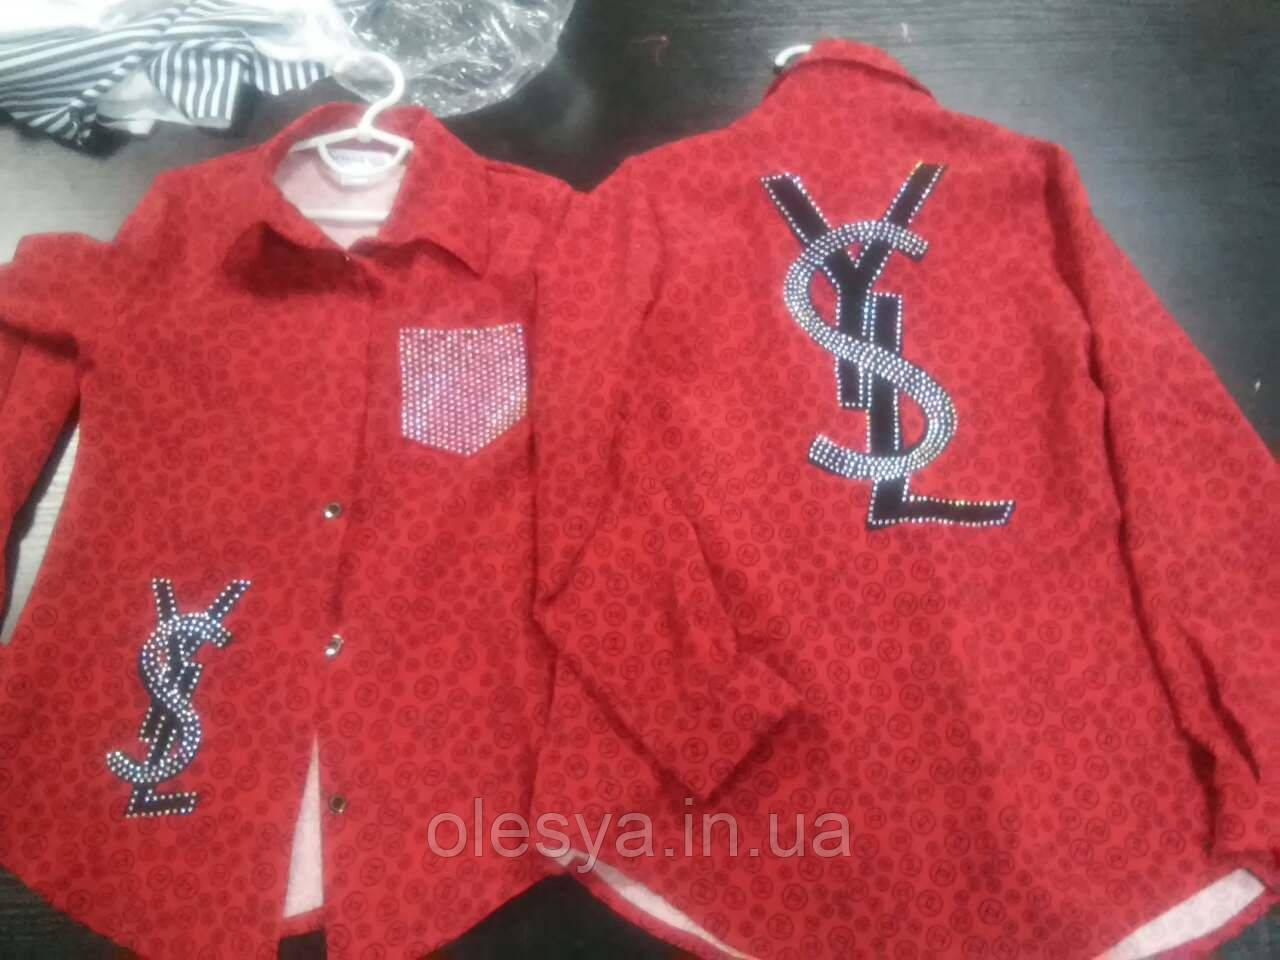 c8c0f8cbca7edfe Модная рубашка на девочку подростка Размеры 140- 158: продажа, цена ...